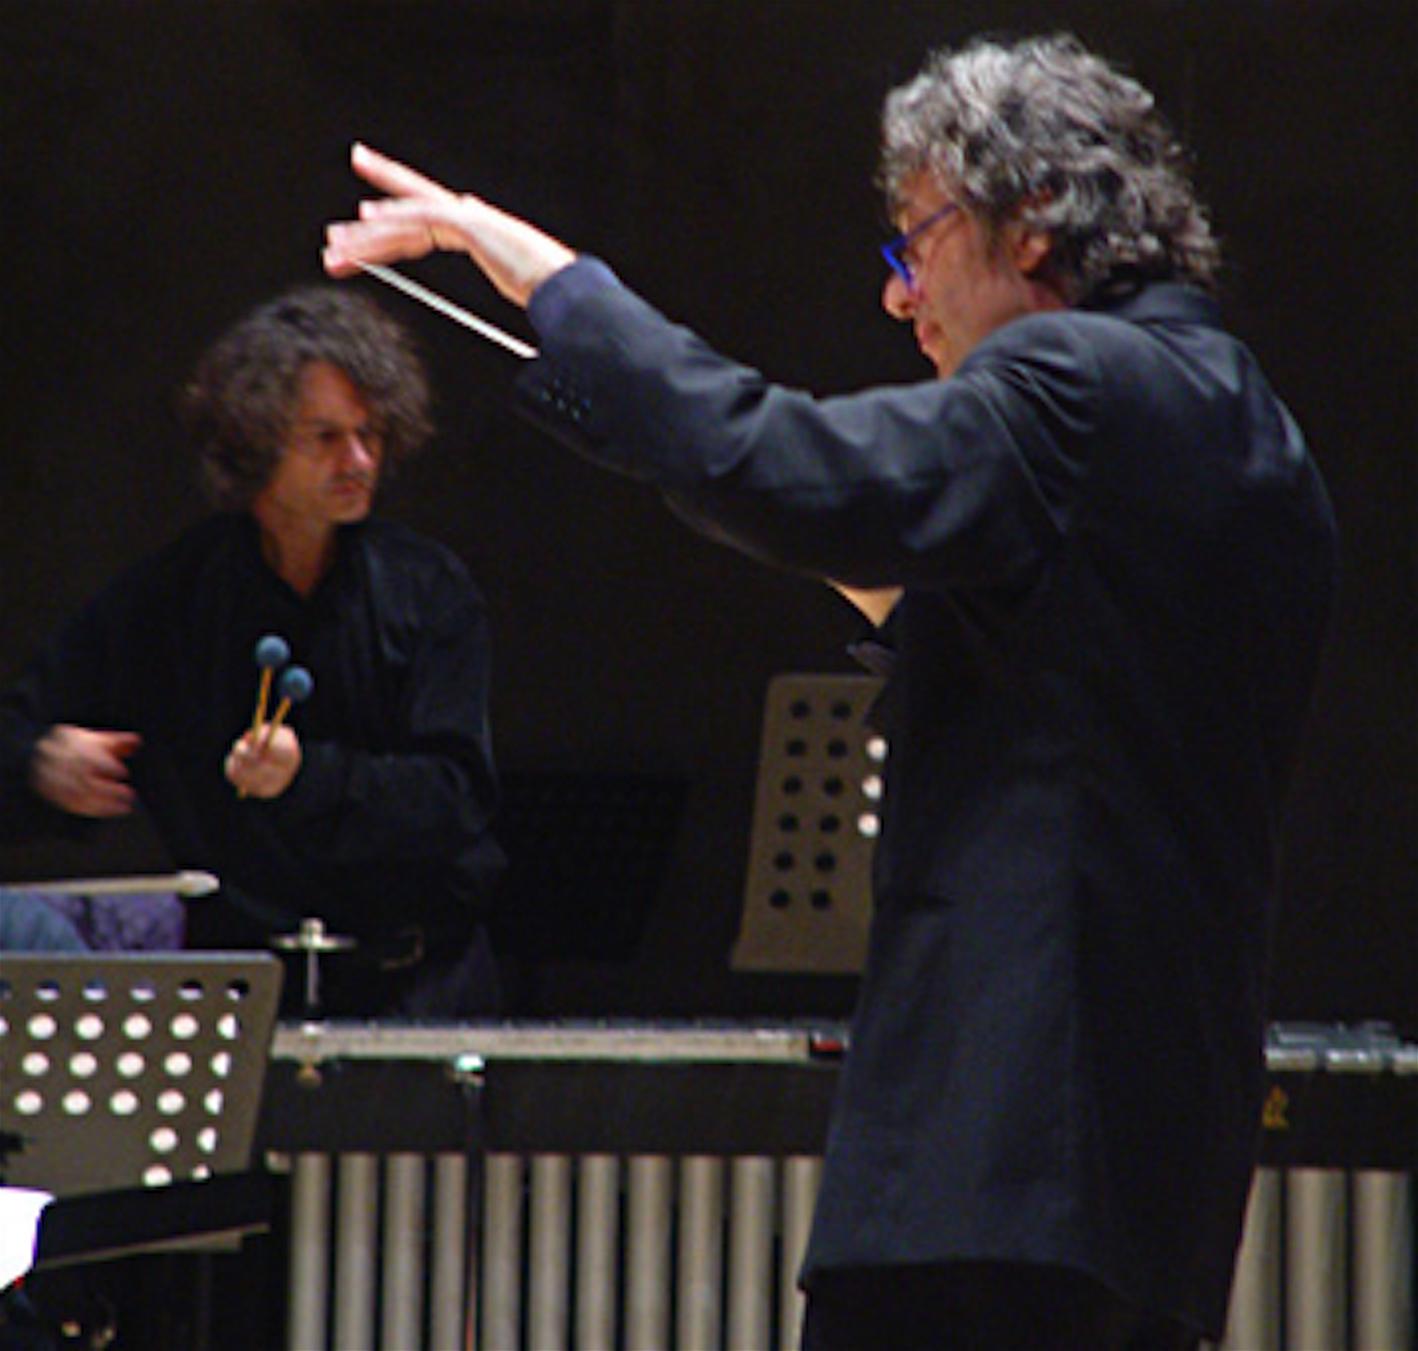 THIERRY MIROGLIO E ALBERTO CAPRIOLI © SETTEMBRE MUSICA, 2006